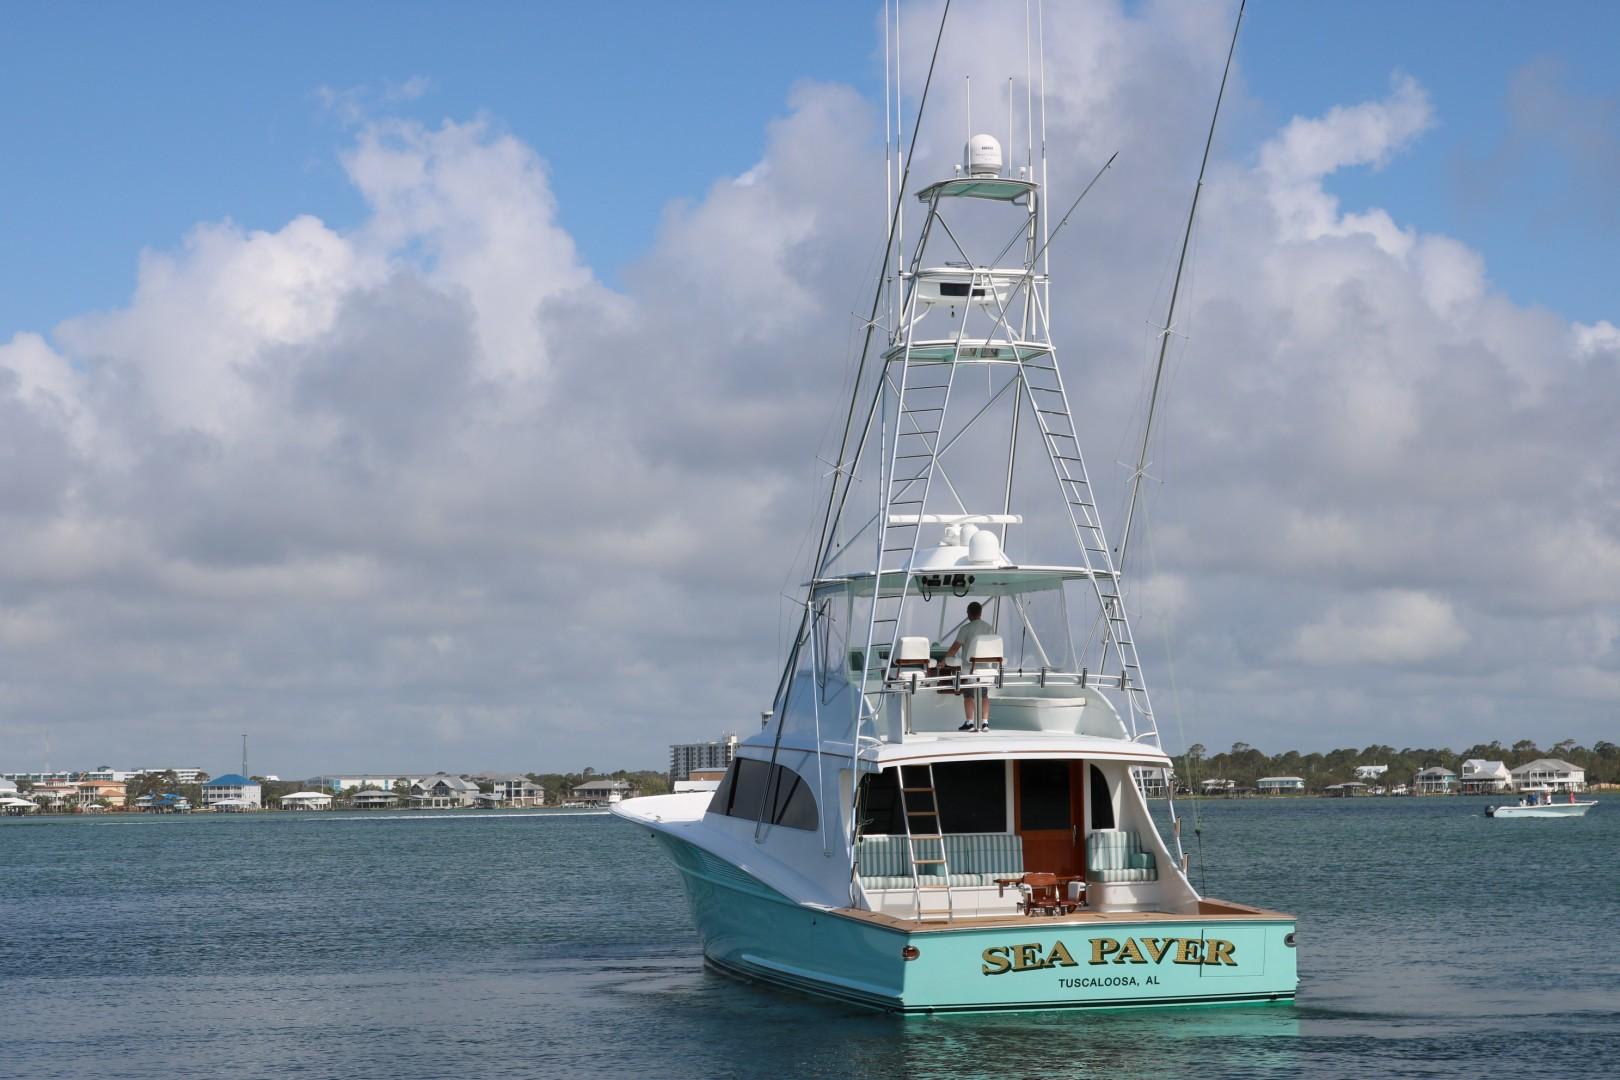 Sea Paver